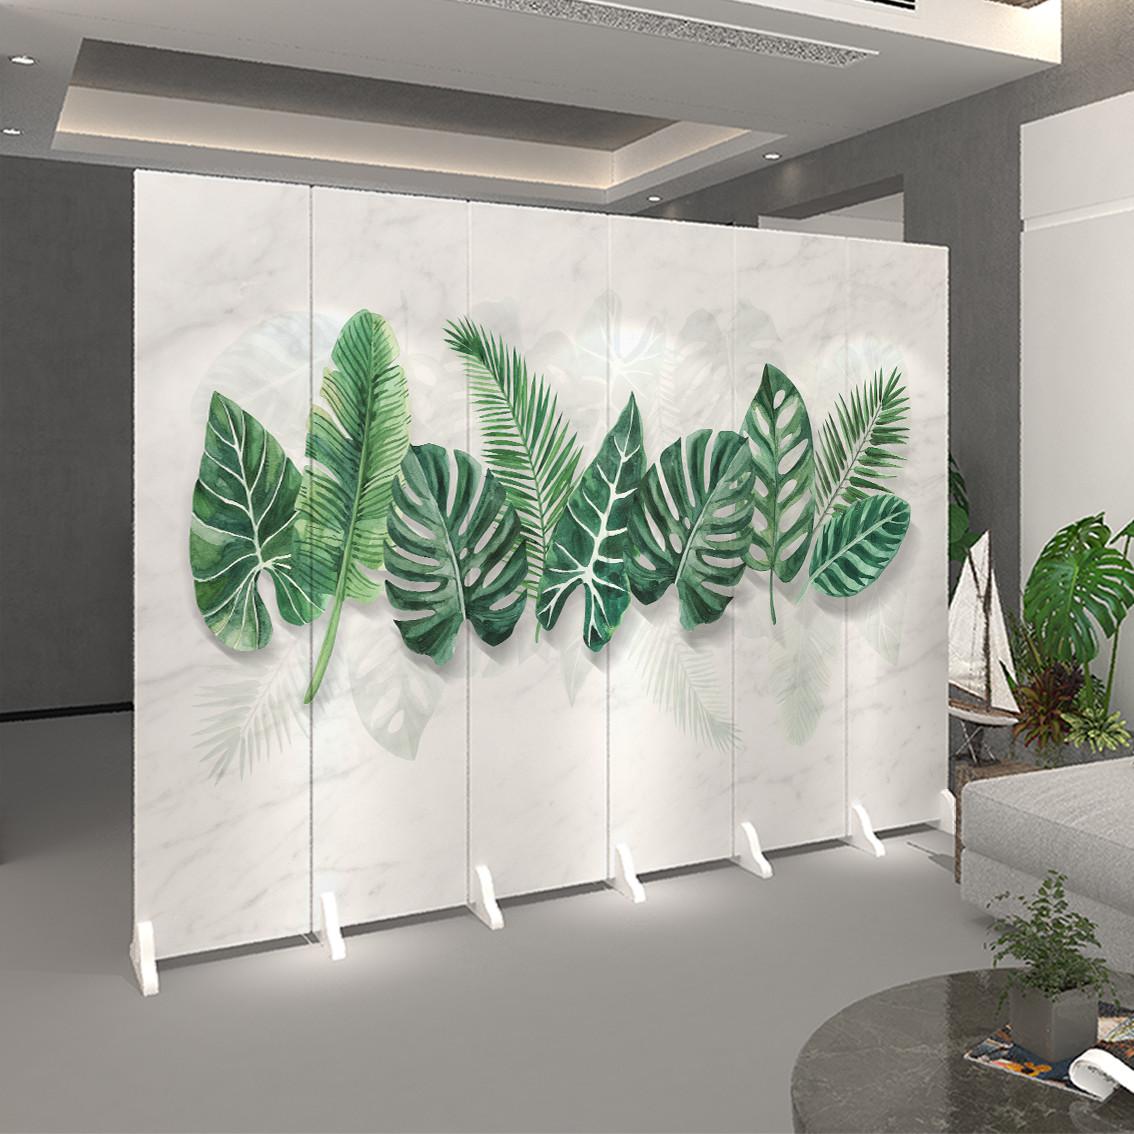 屏风隔断墙简约现代北欧客厅折叠卧室遮挡家用办公室装饰移动折屏